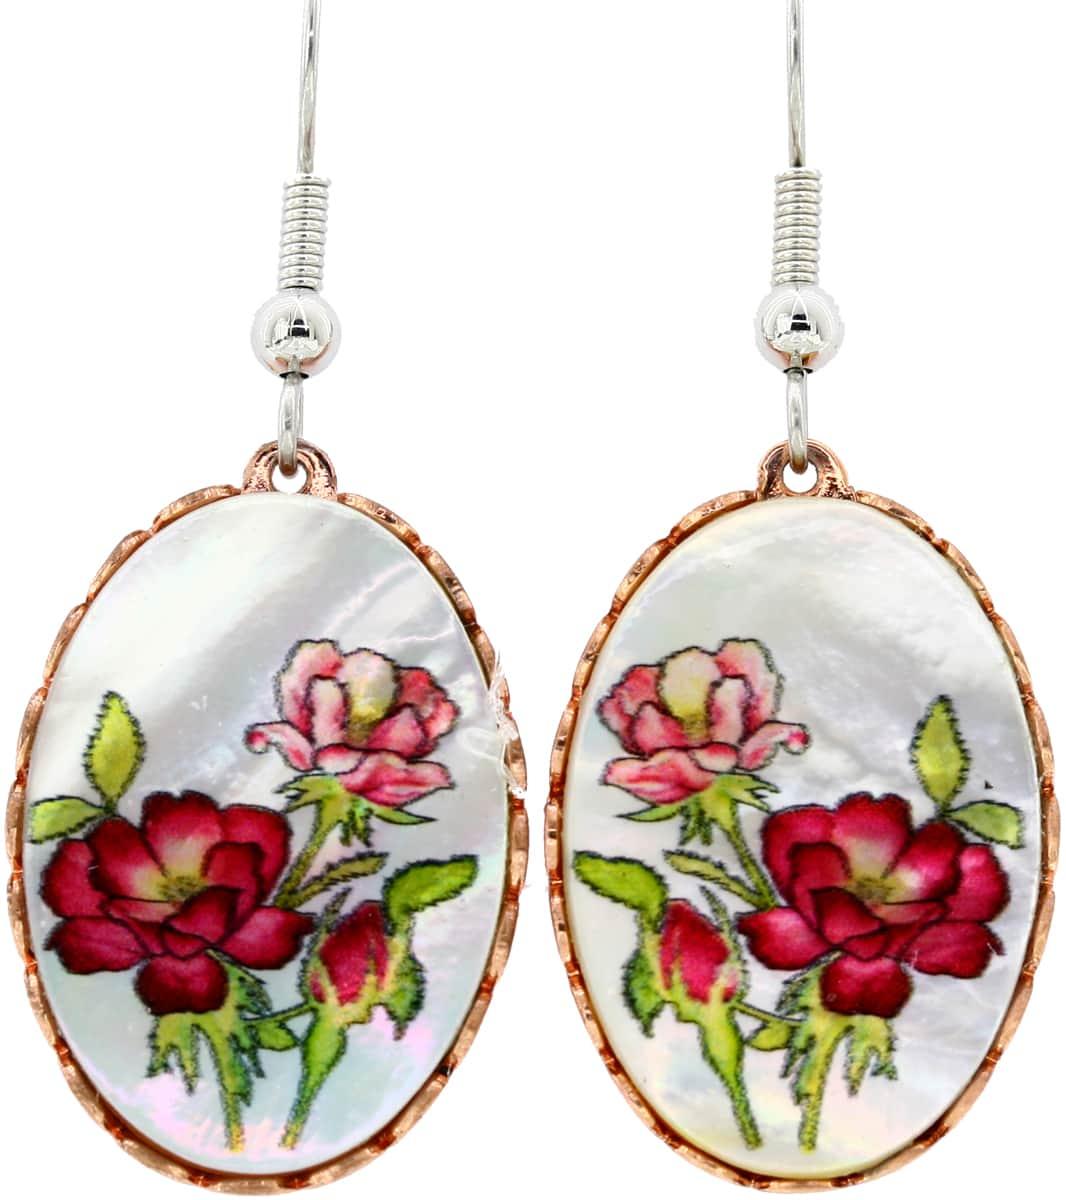 Flower Earrings Made from Shells